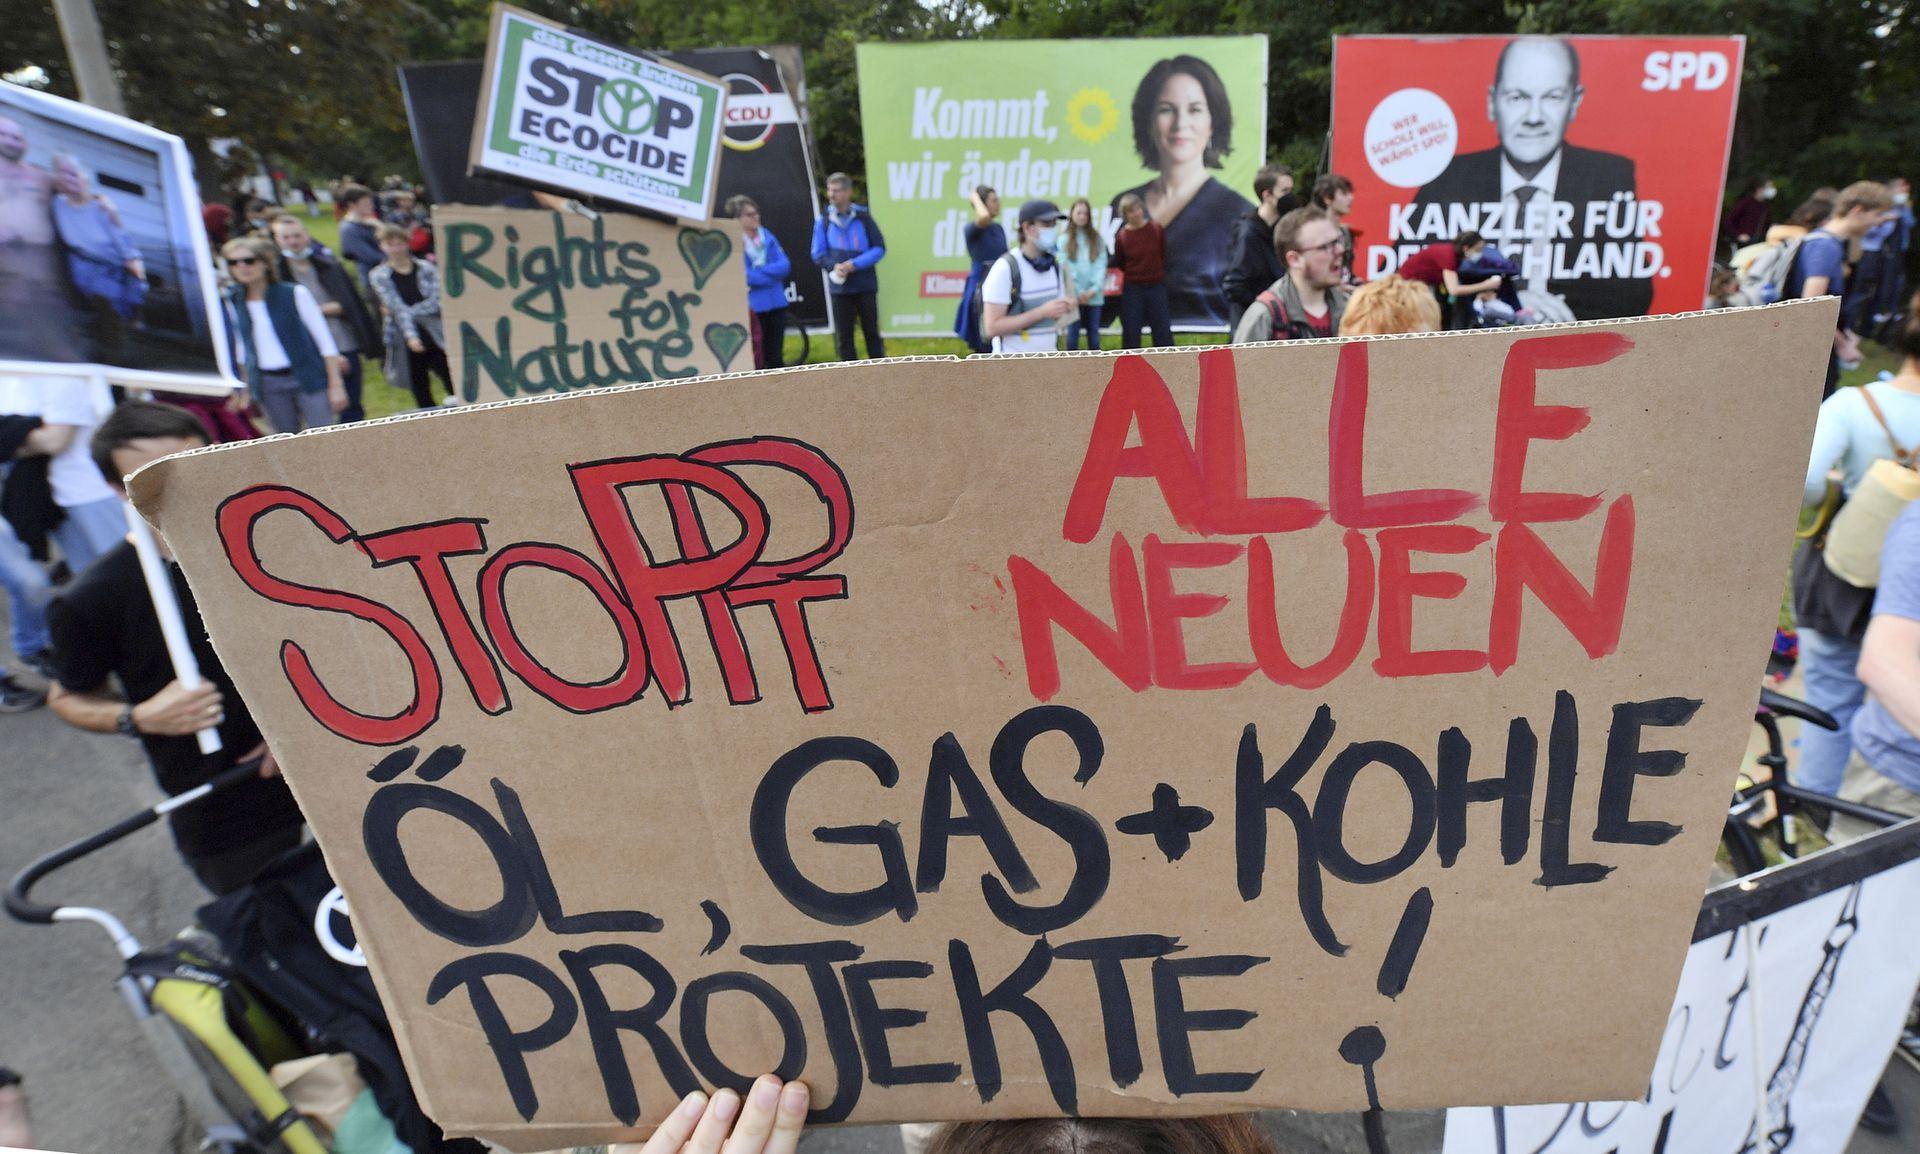 Protesta contra el calentamiento global y el cambio climático en Erfurt, Alemania, el viernes 24 de septiembre de 2021